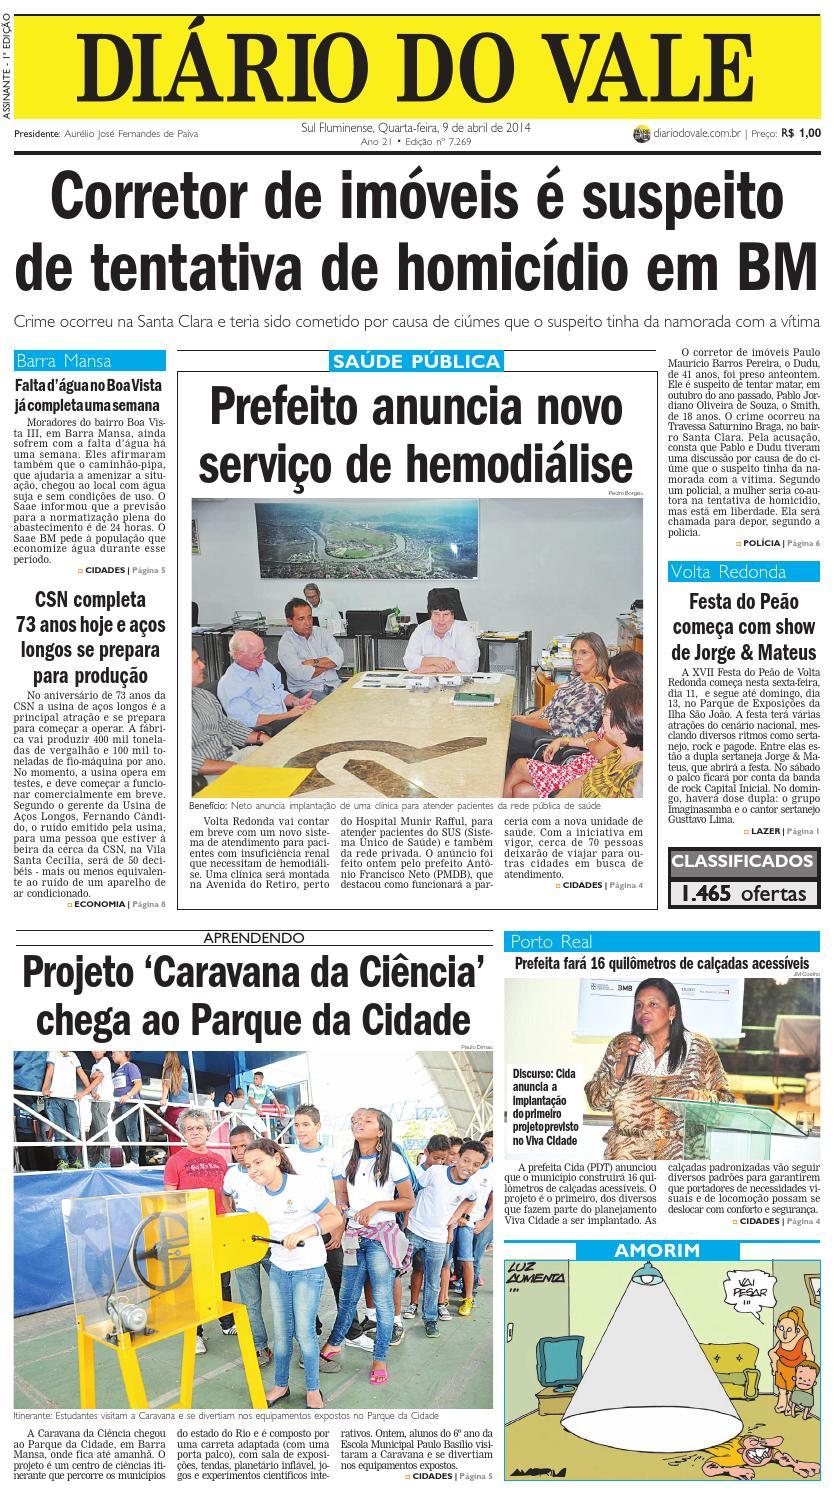 cbc6cf033c029 7269 diario quarta feira 09 04 2014 by Diário do Vale - issuu